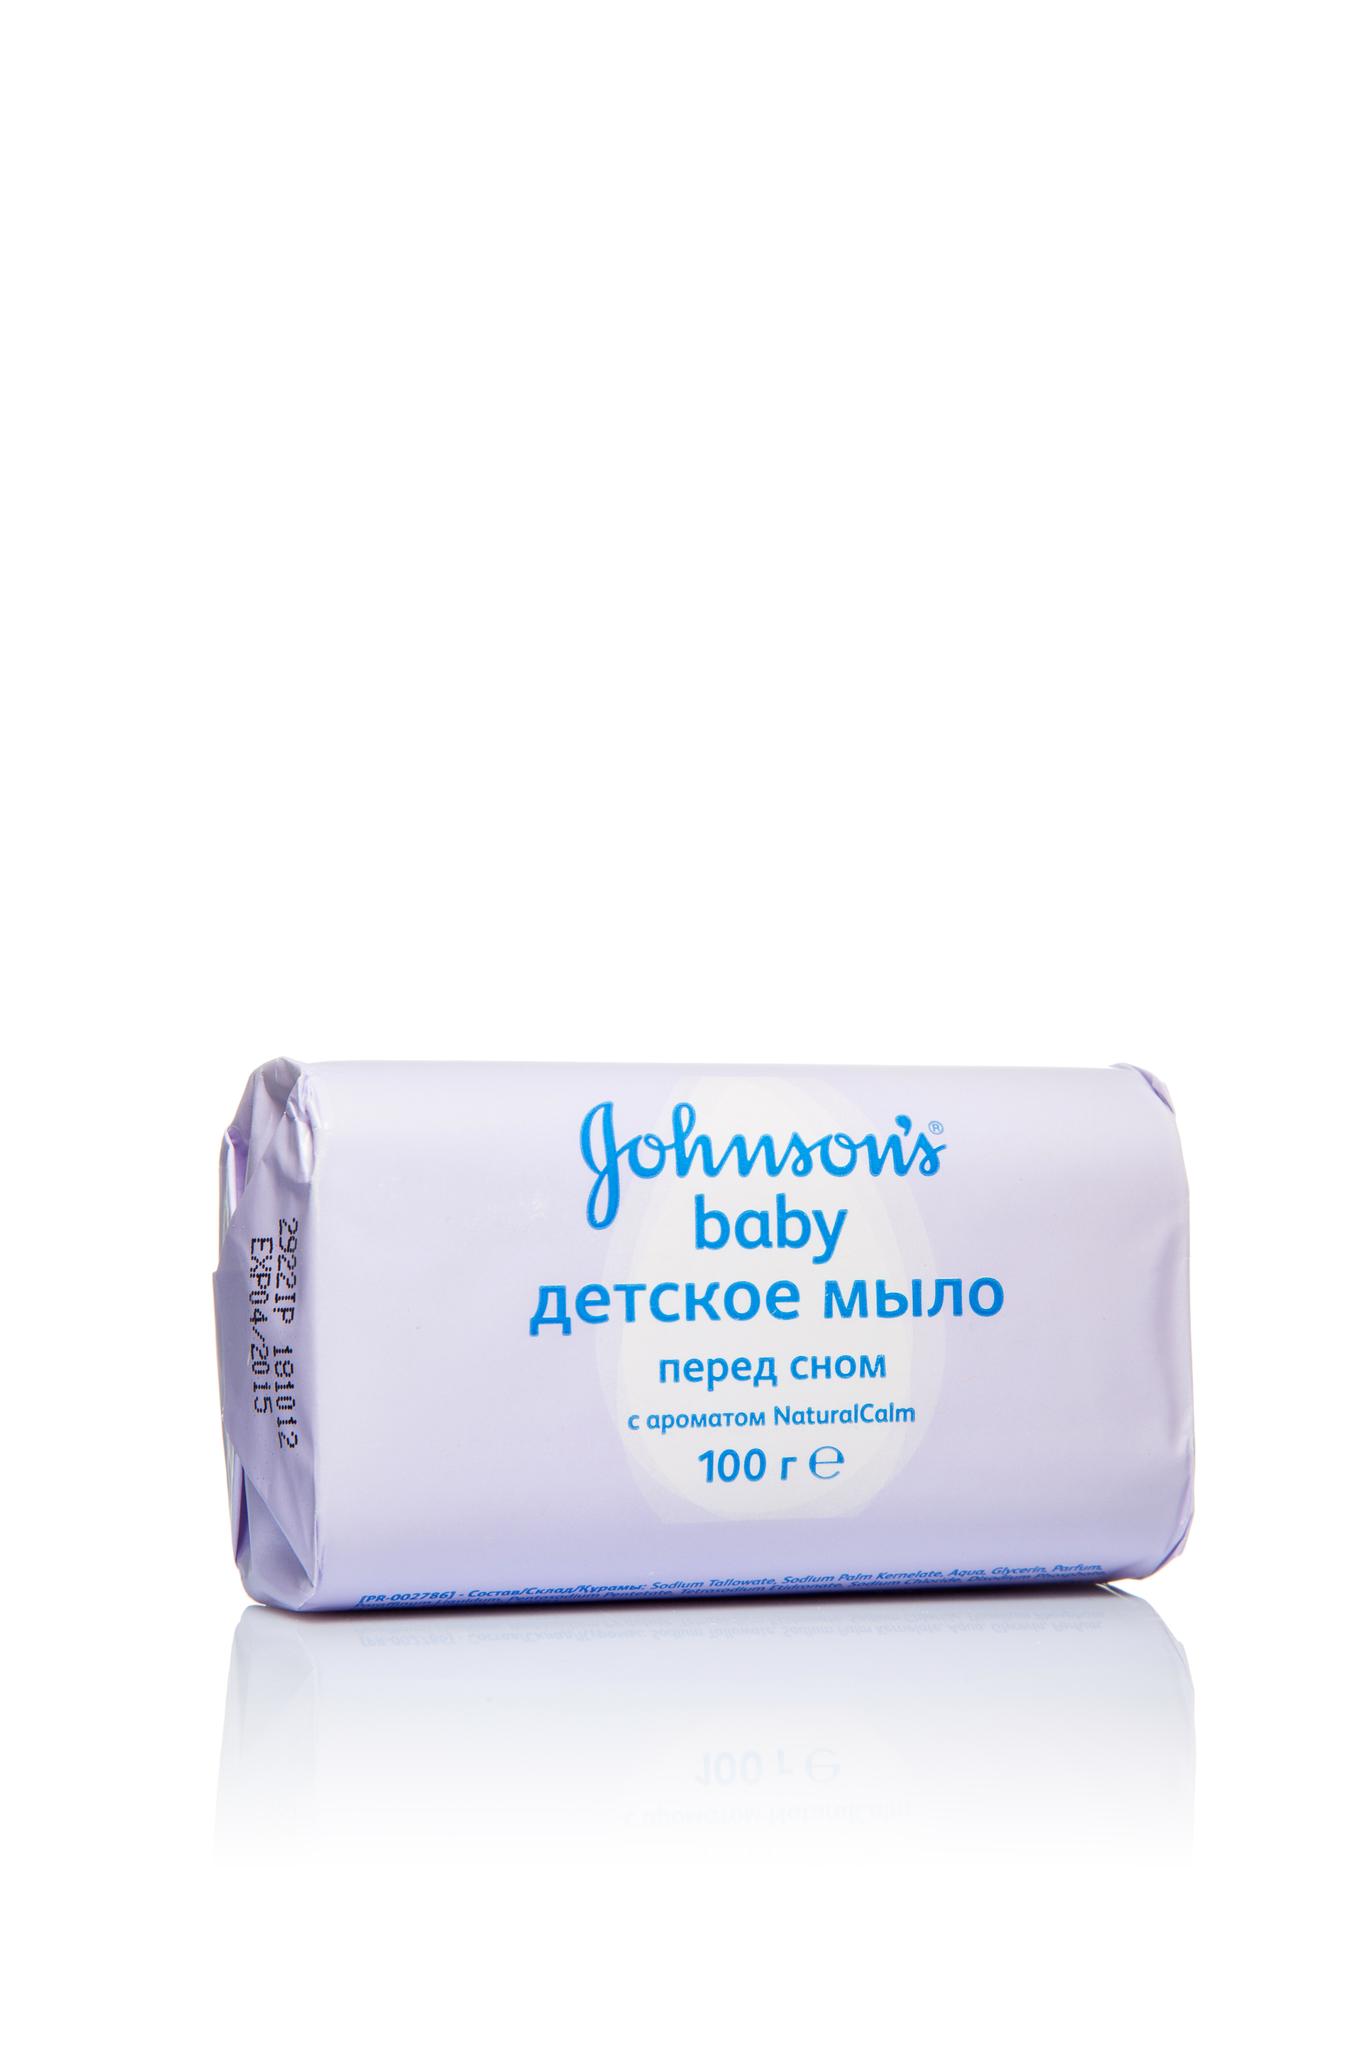 Johnson's Baby Детское мыло перед сном 100 г.